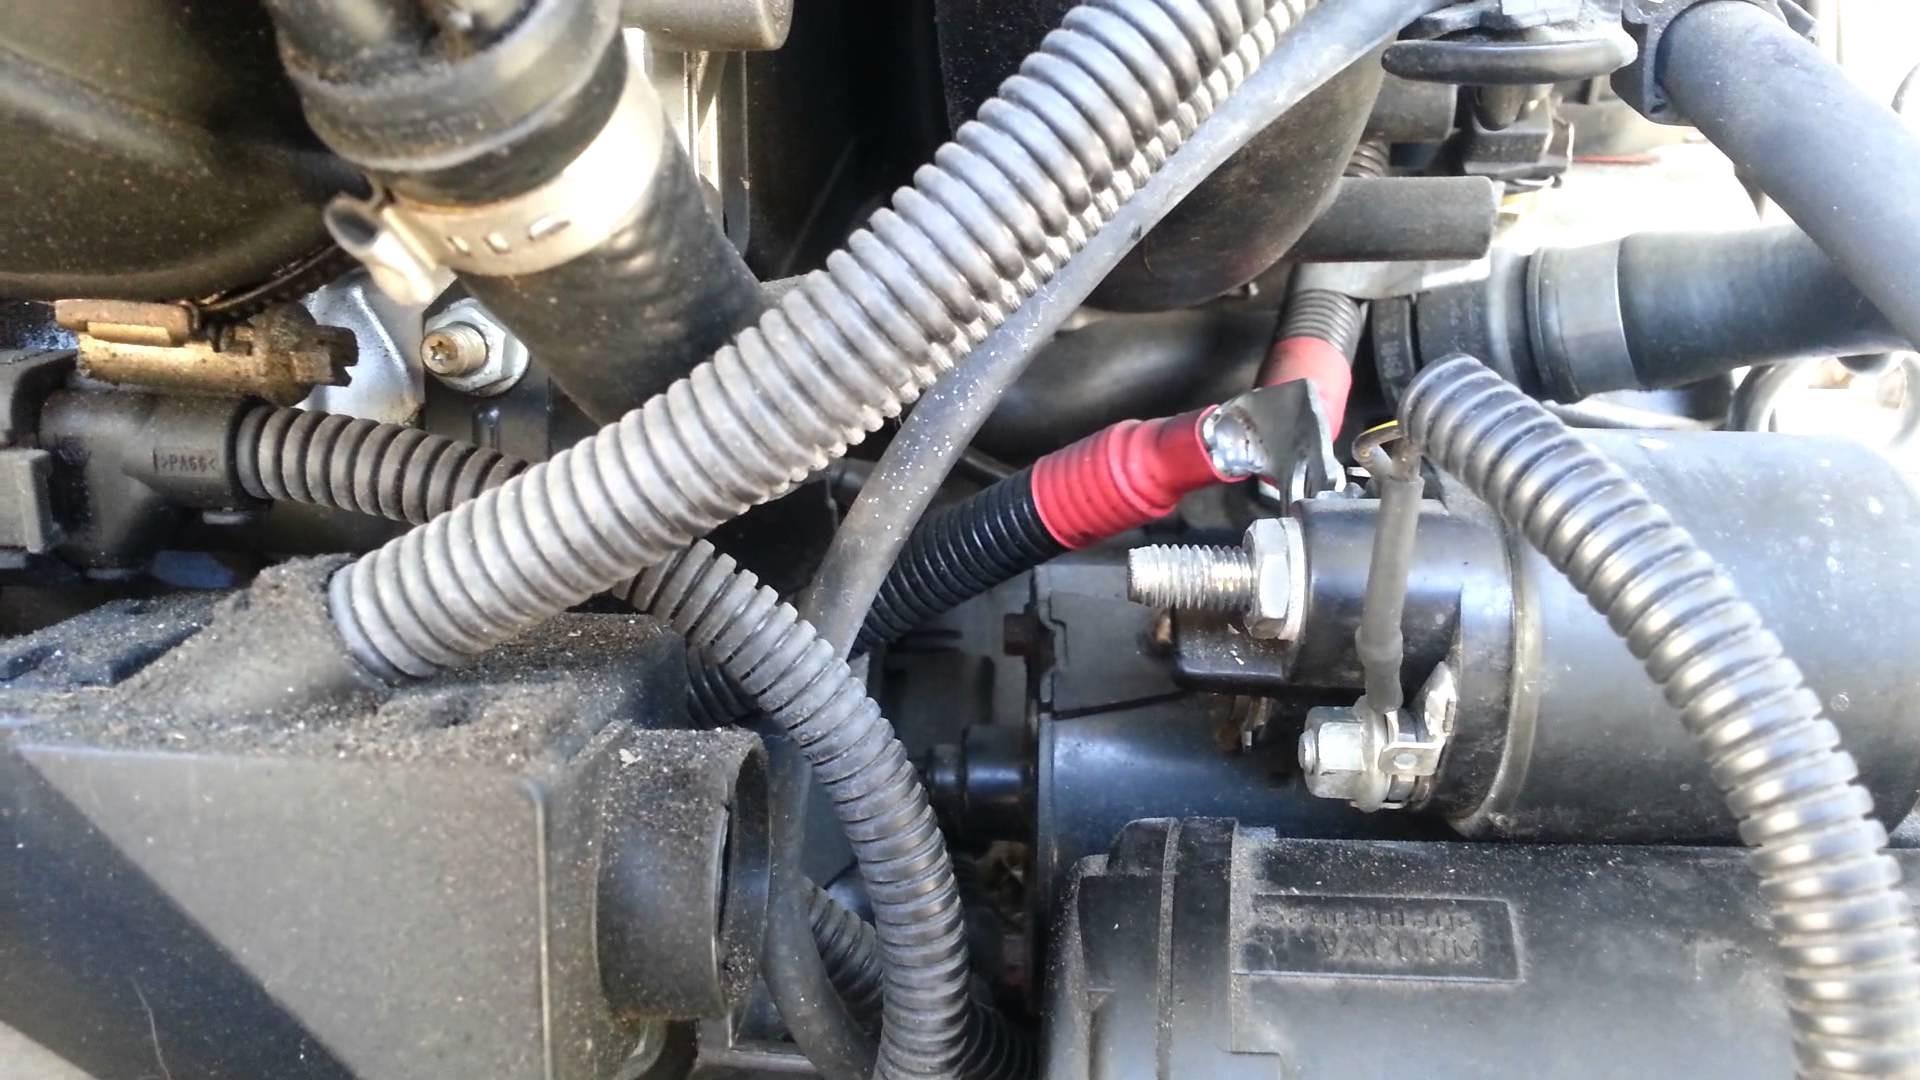 e46 318i engine diagram bmw engine starter removal 325 330 530 e39 of e46 318i  engine